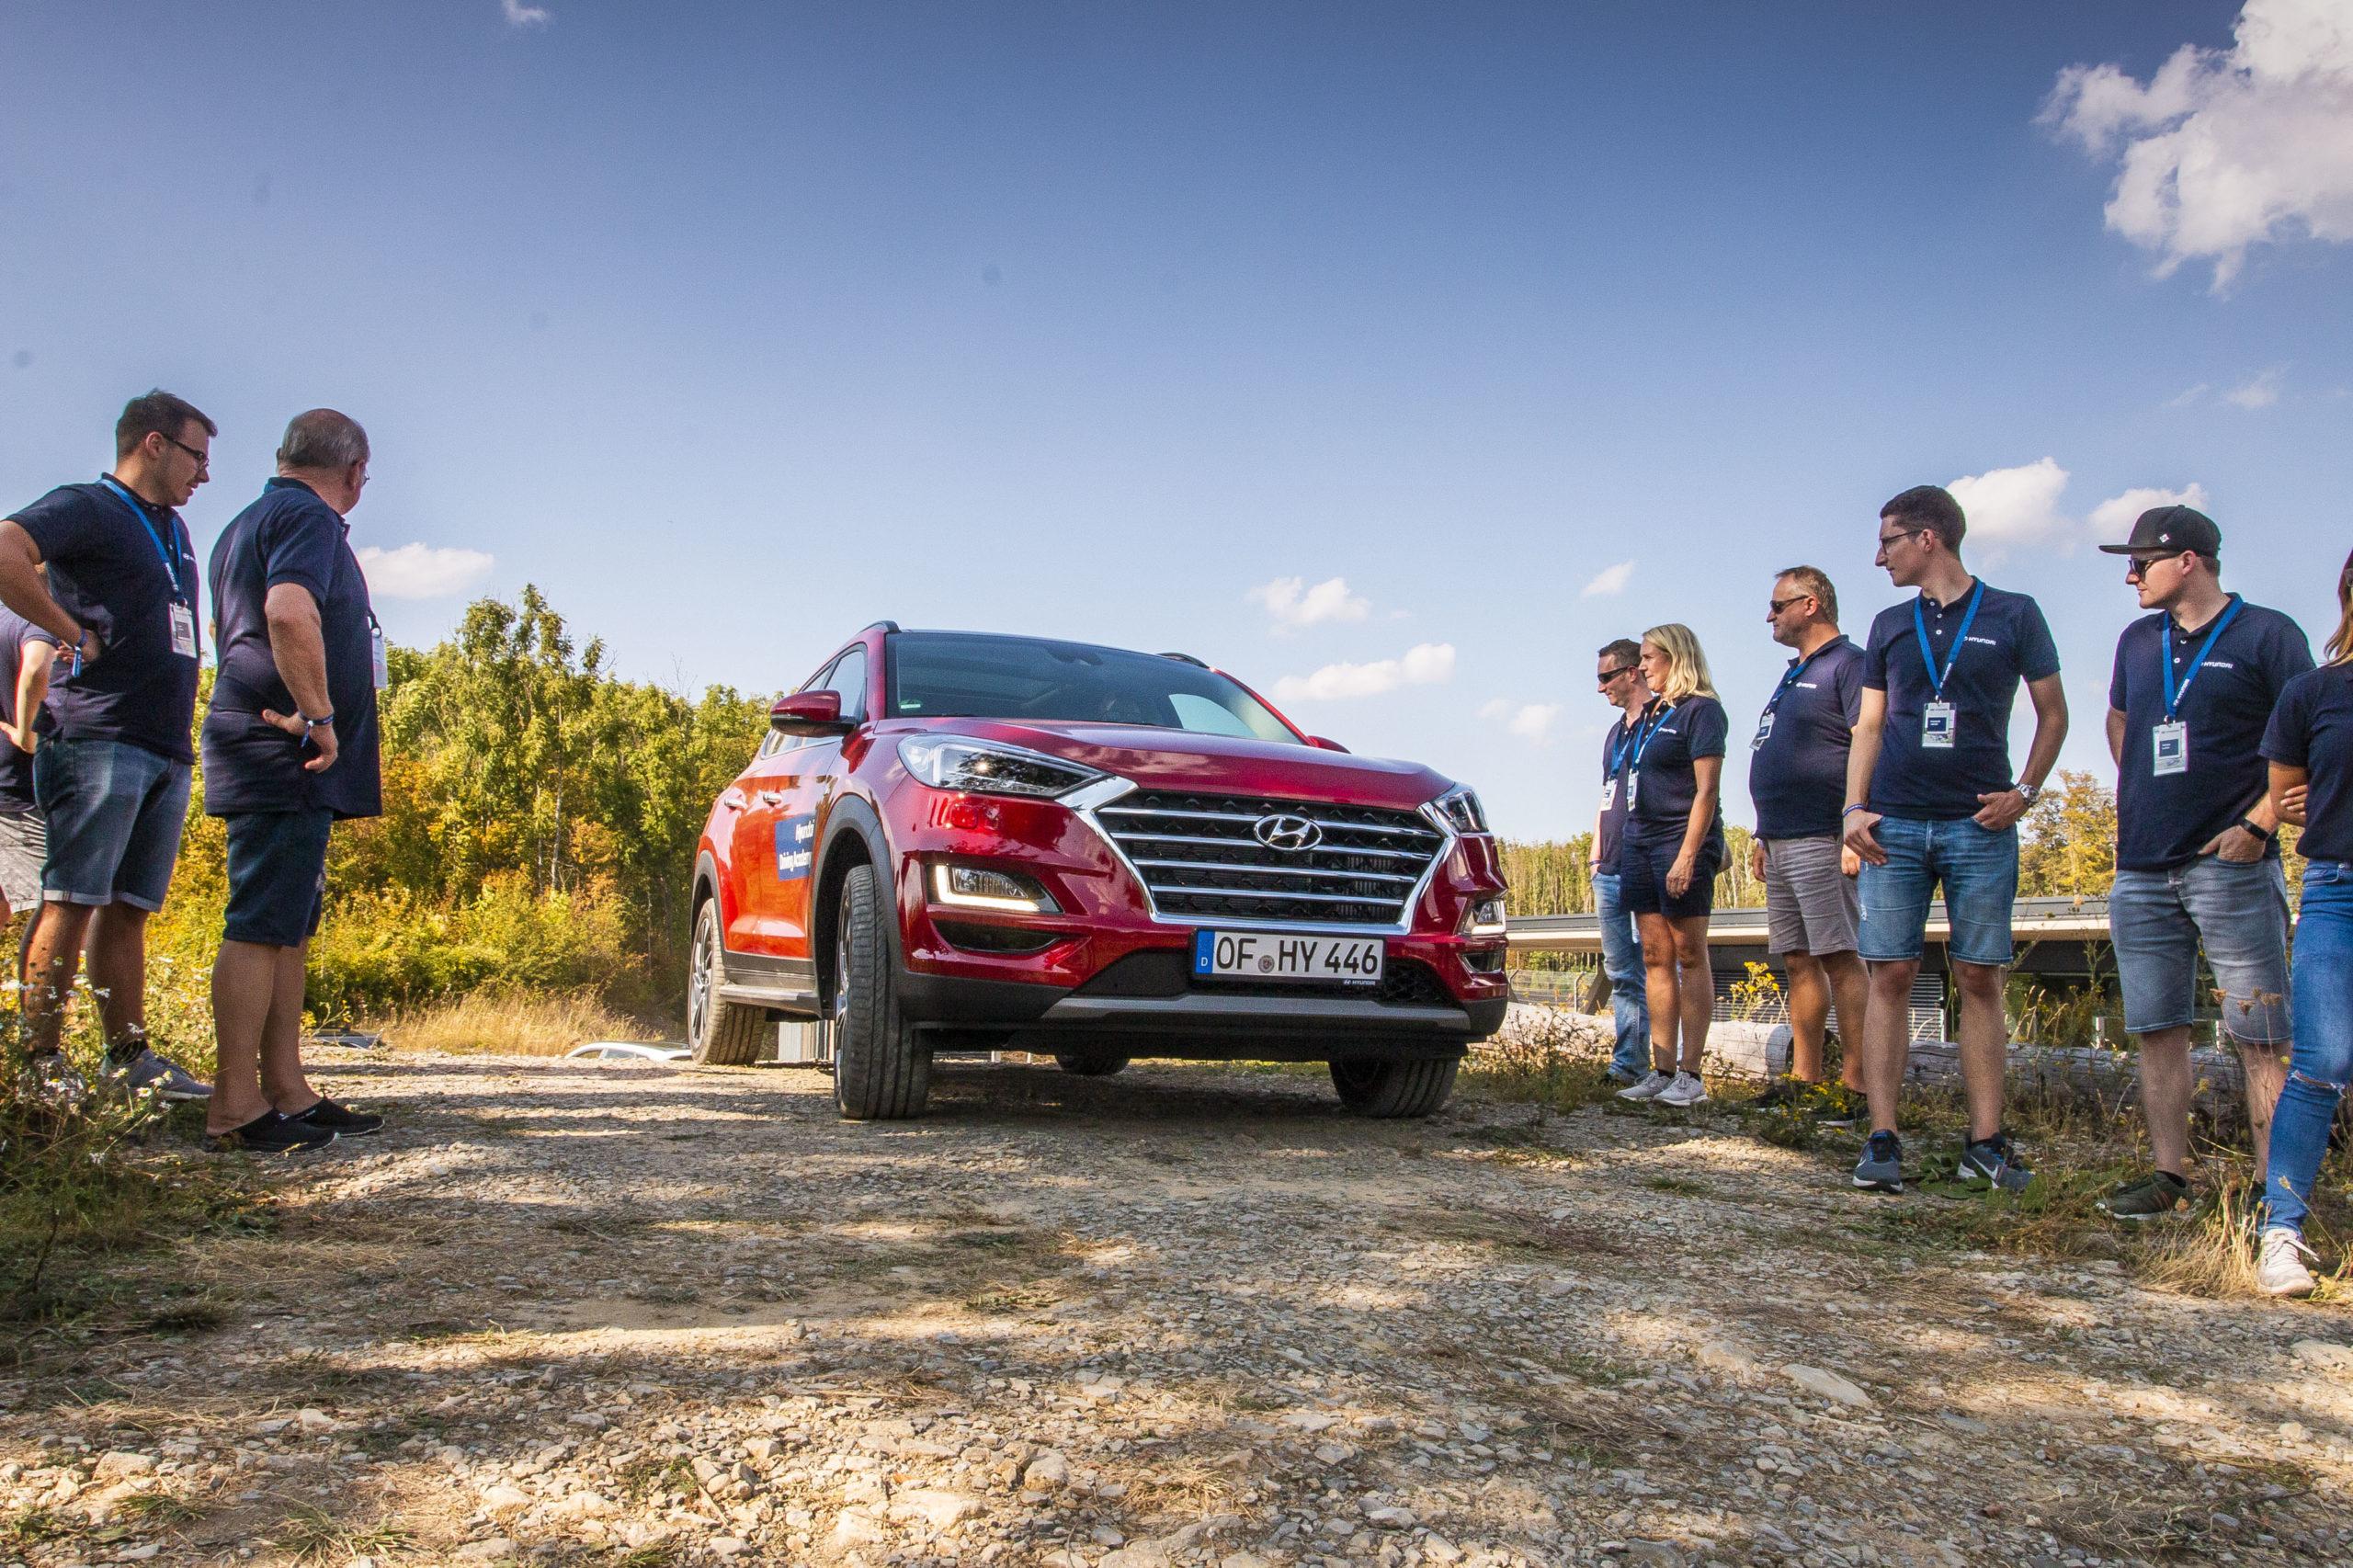 Roter Hyundai auf unebenem Weg mit Publikum